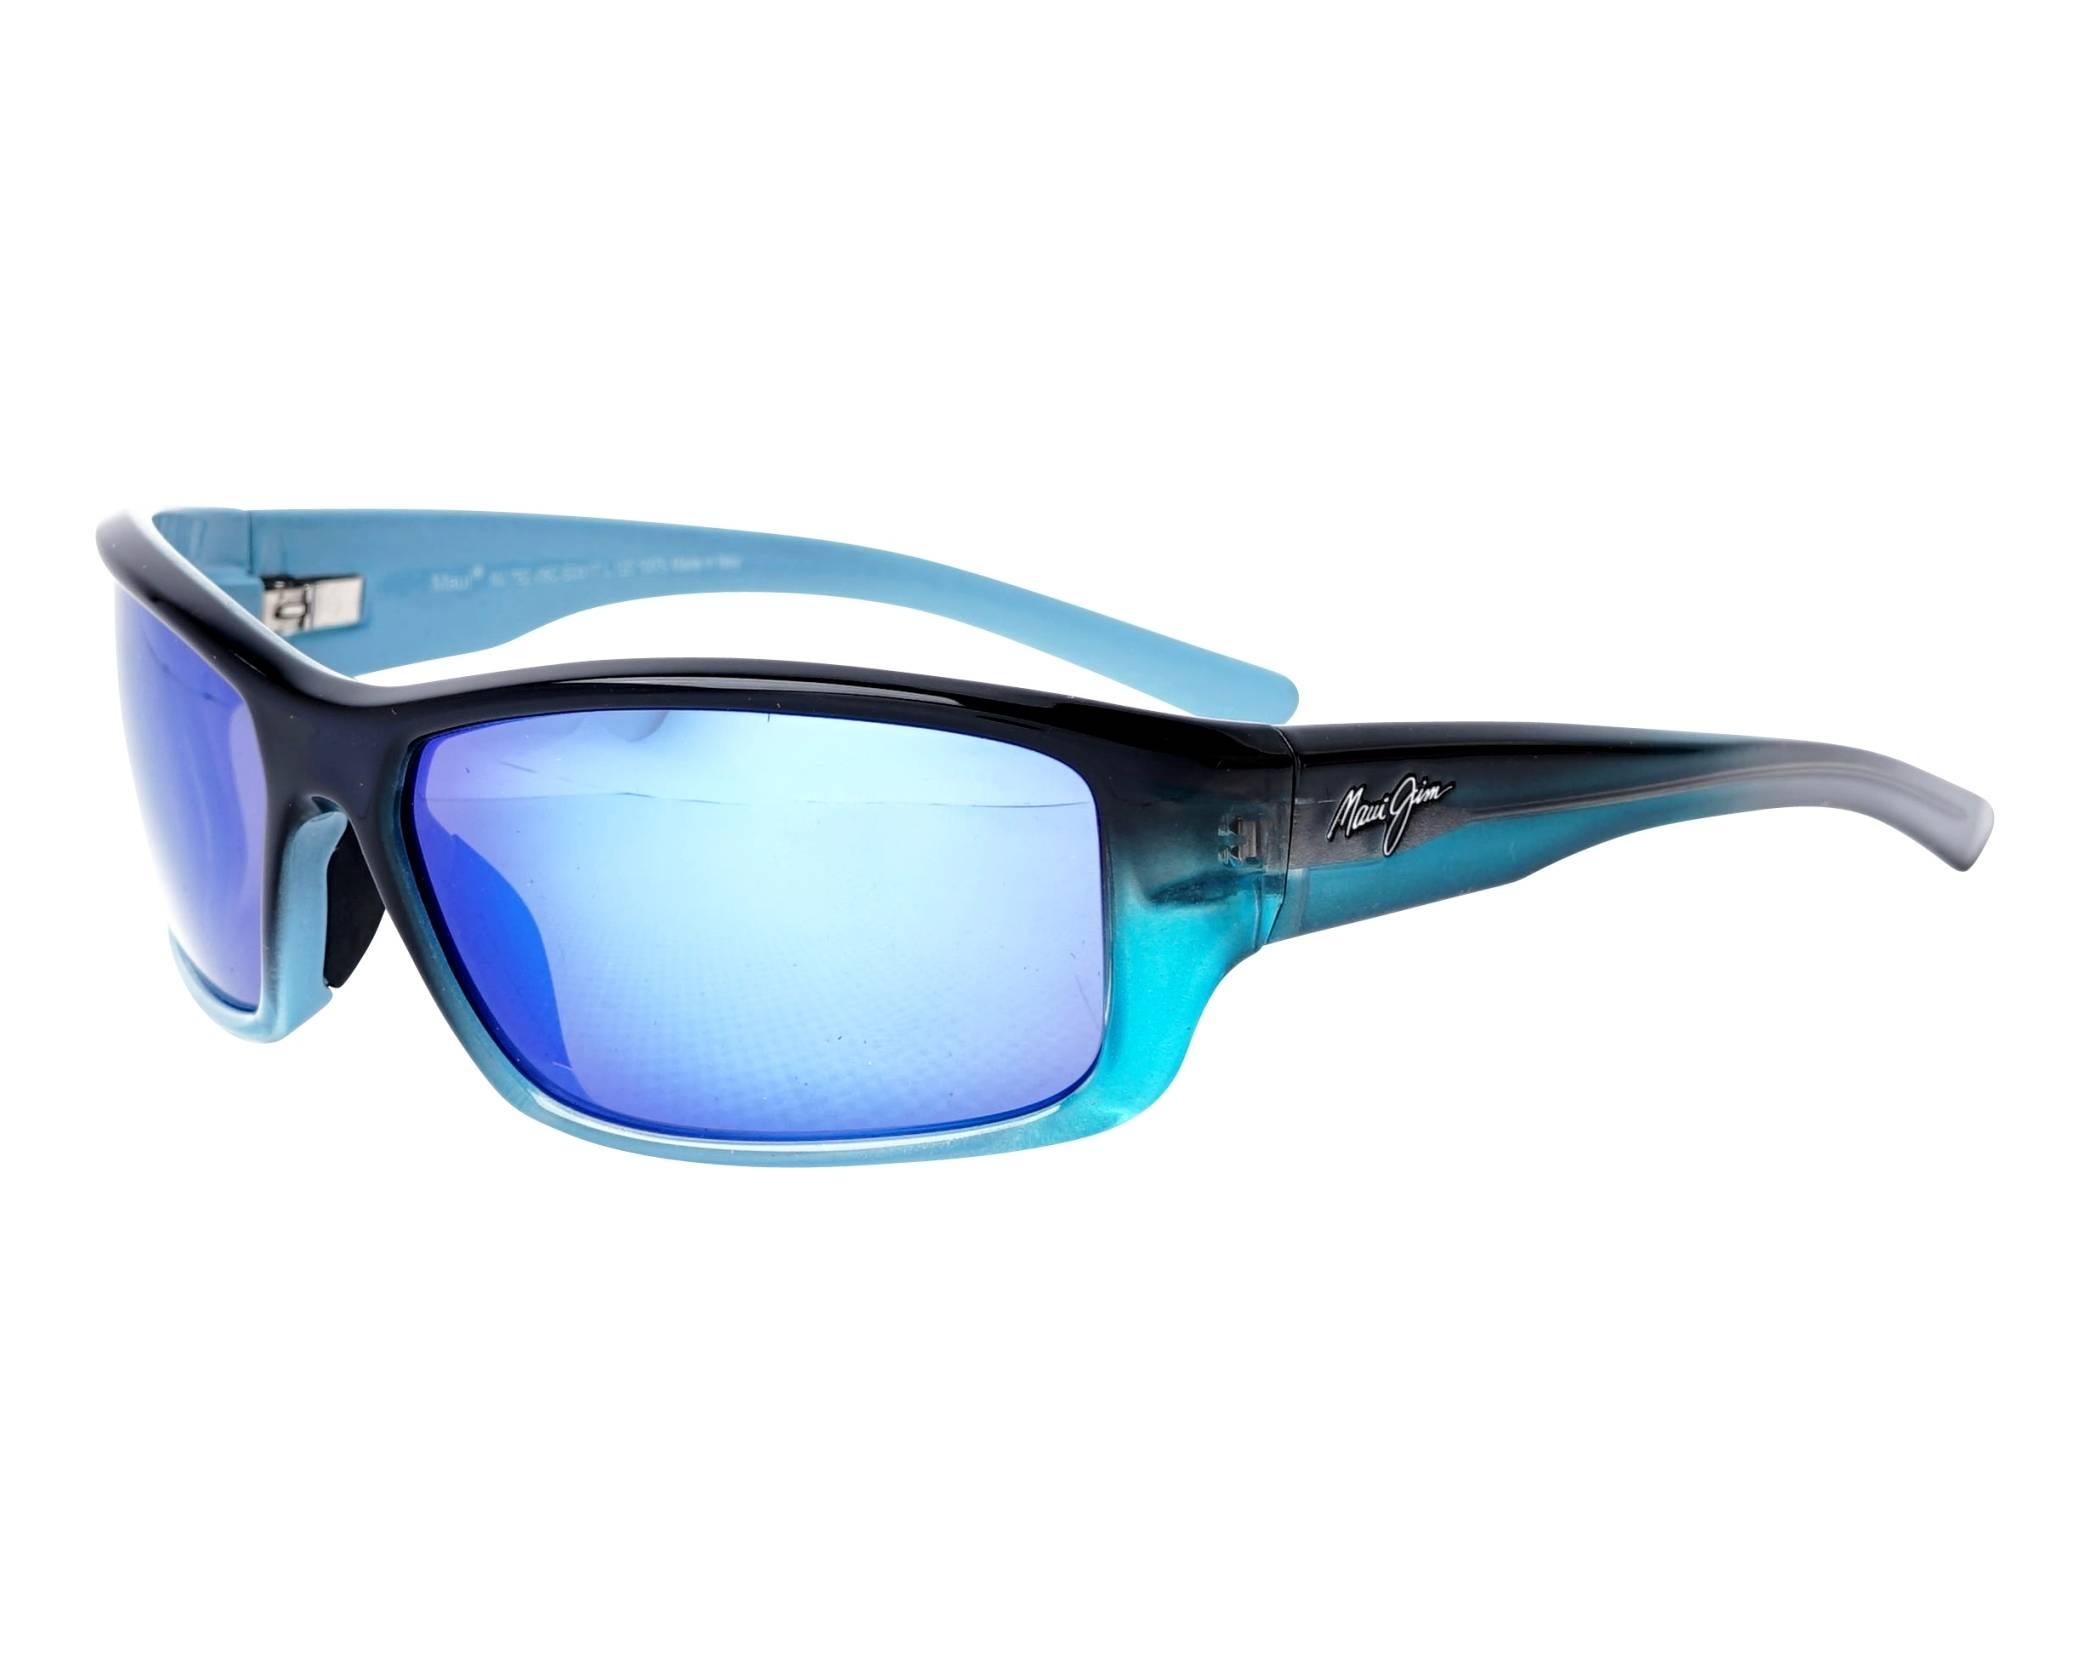 a2506b8fa42 Sunglasses Maui Jim BARRIER REEF B-792-06C 62-17 Blue Turquoise profile